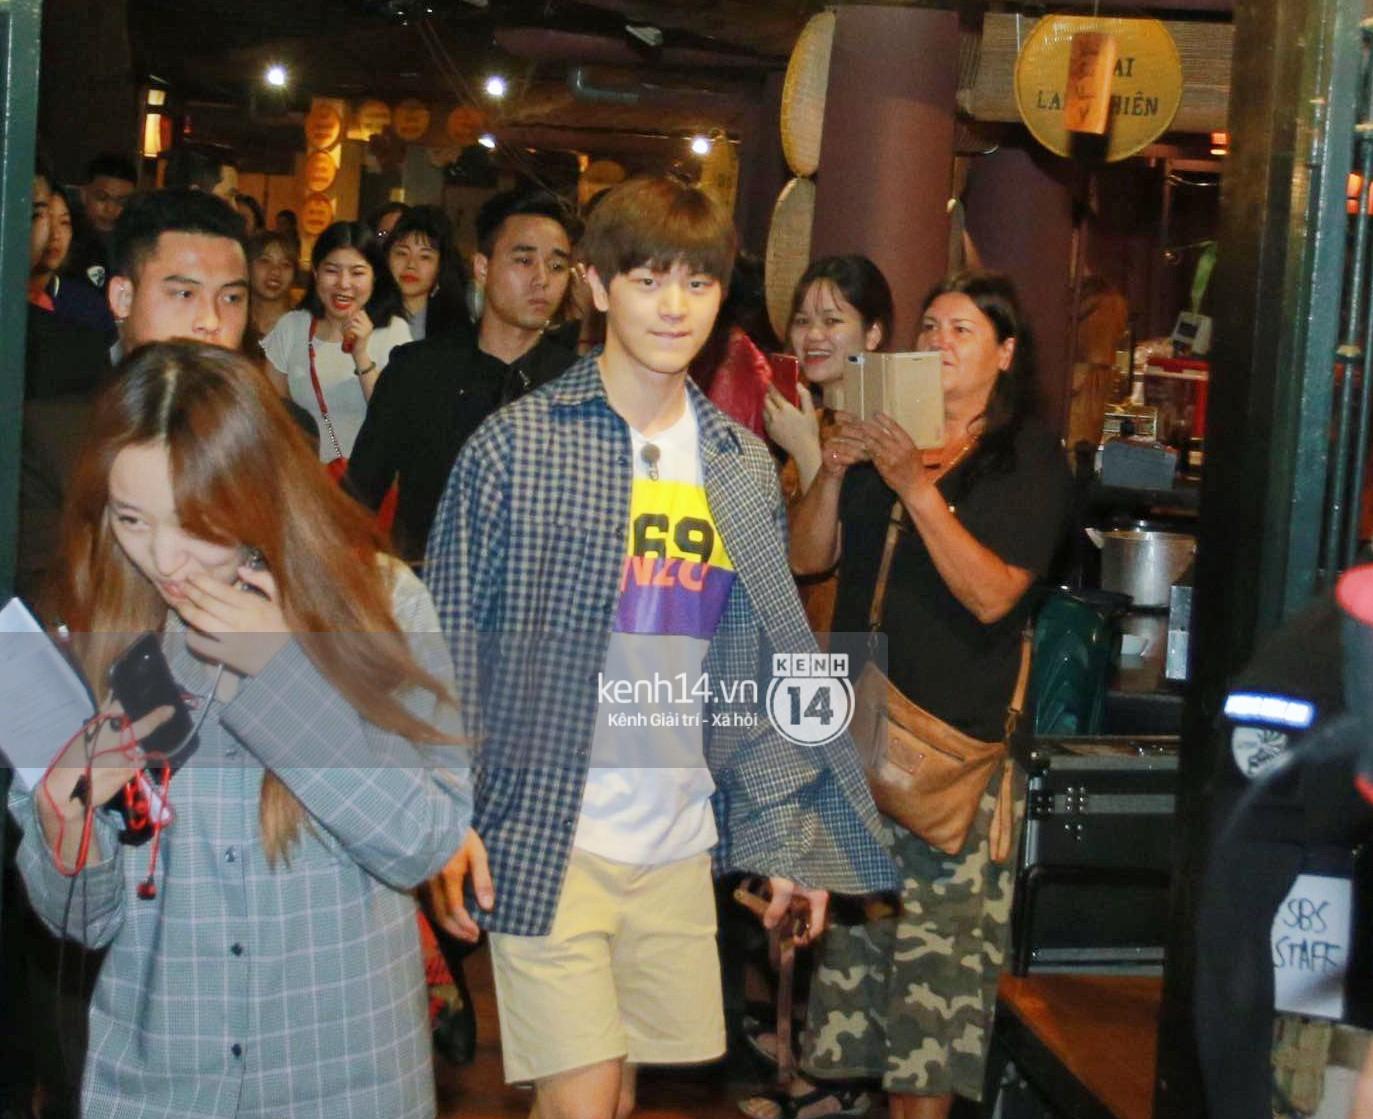 Đến nhà hàng Việt dùng bữa, tài tử Hoa du ký Lee Seung Gi, Yook Sung Jae cùng HLV U23 khó khăn thoát khỏi đám đông fan - Ảnh 5.